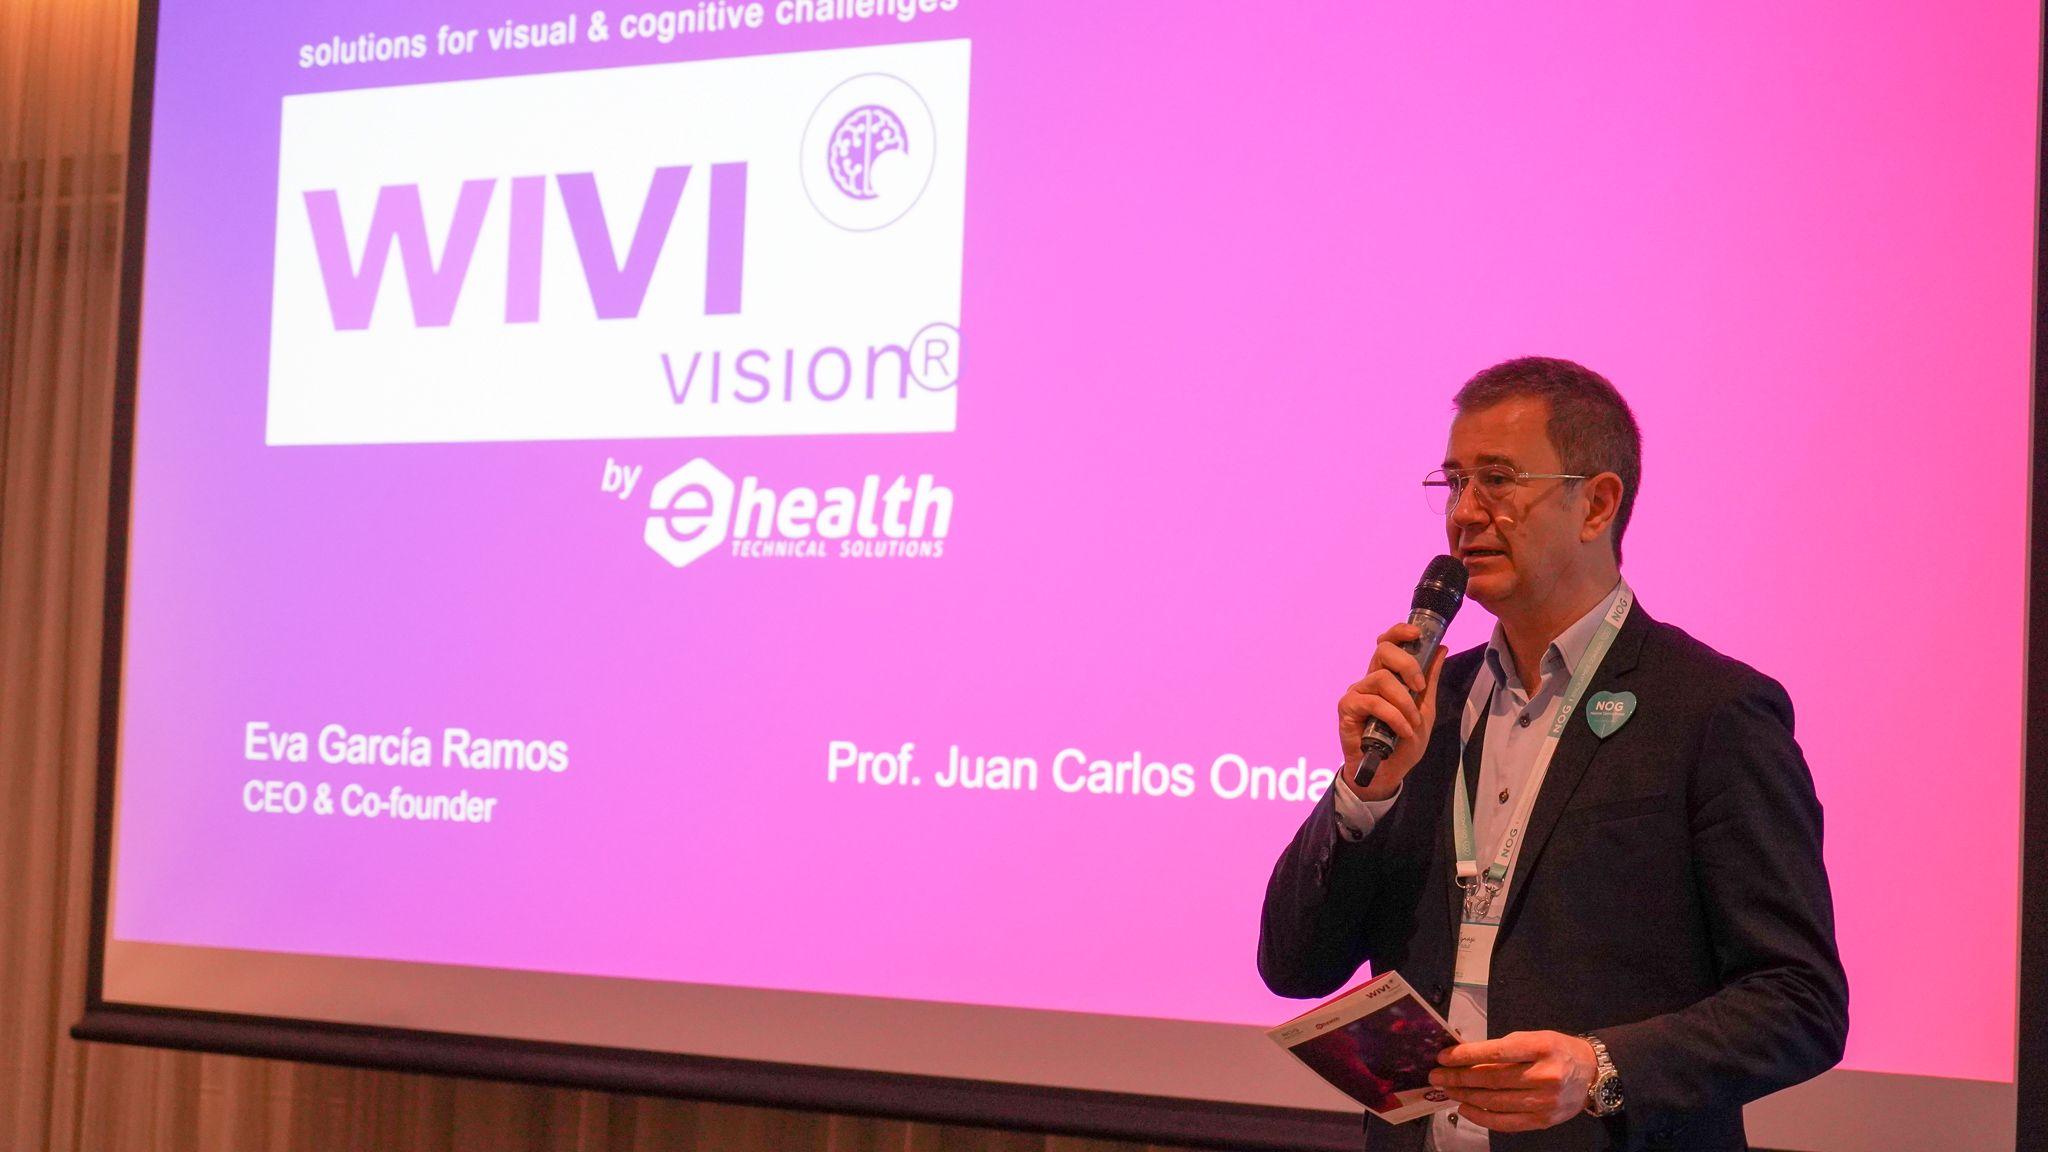 Foto de NOG y WIVI Vision en pro de la salud visual.